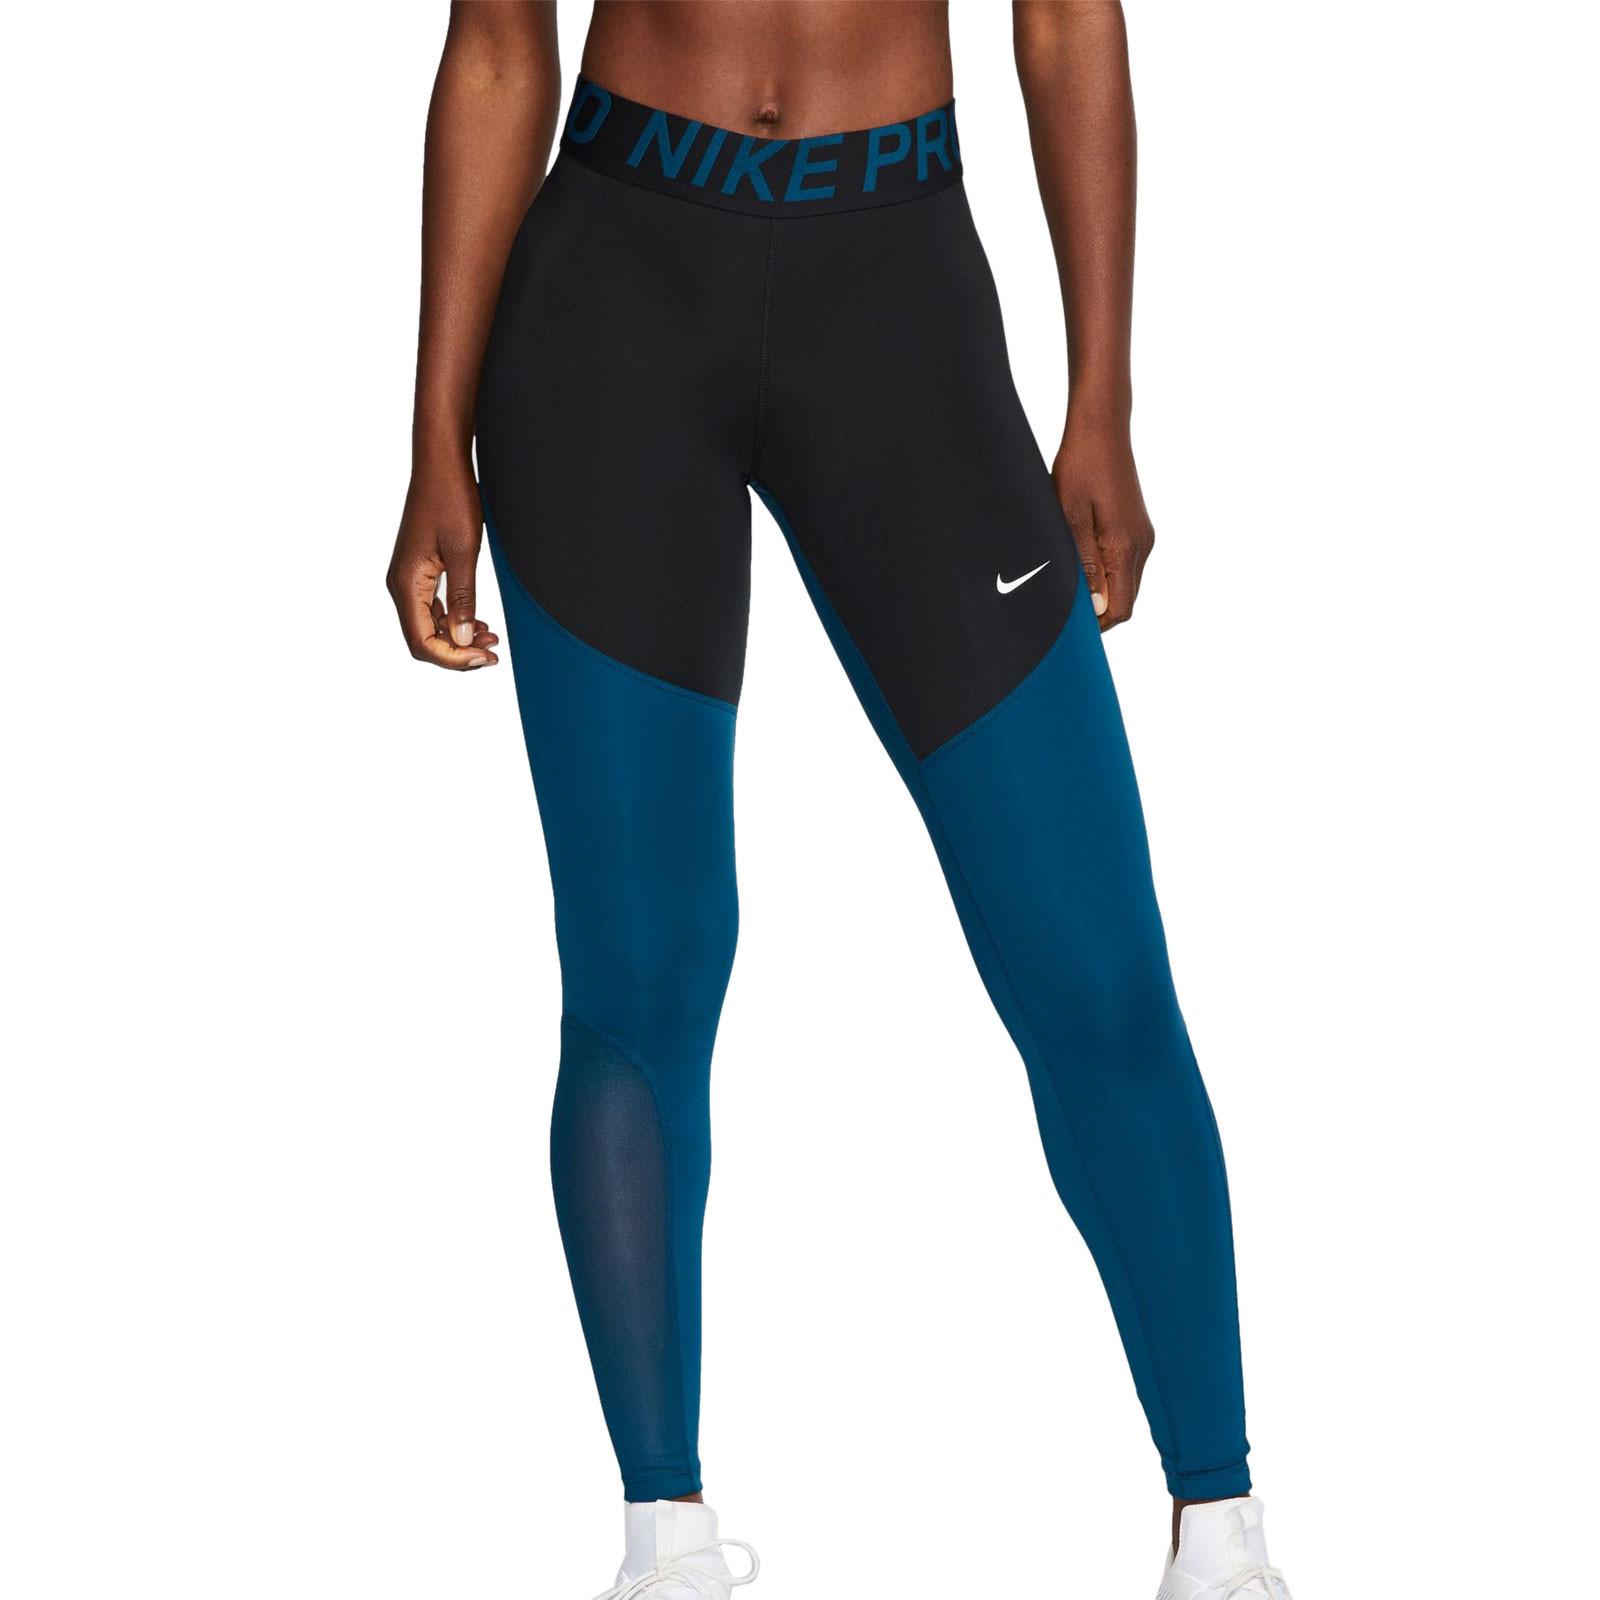 Excepcional peor Cuota de admisión  Mallas largas mujer Nike Pro negra y azul | futbolmania